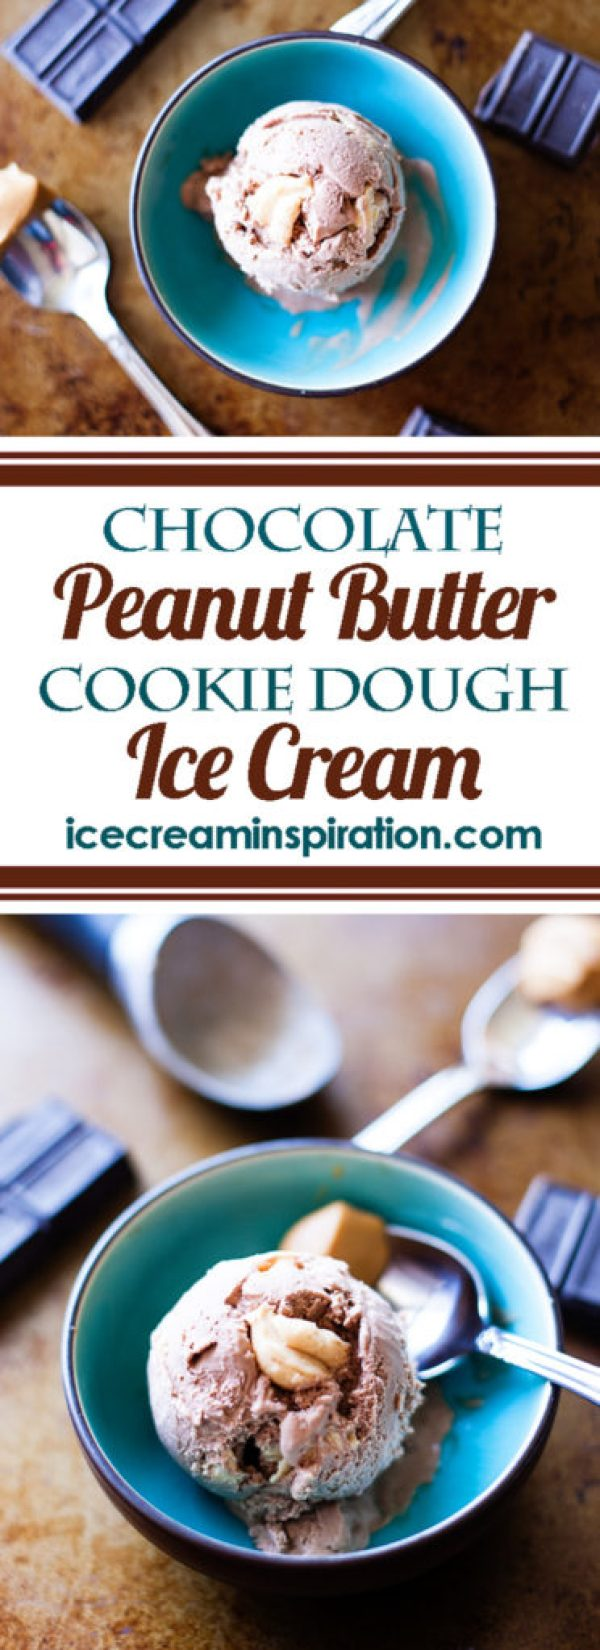 Chocolate Peanut Butter Cookie Dough Ice Cream. Rich chocolate ice cream with creamy peanut butter balls nestled inside. Chocolate ice cream. Peanut butter ice cream. Reeses ice cream.